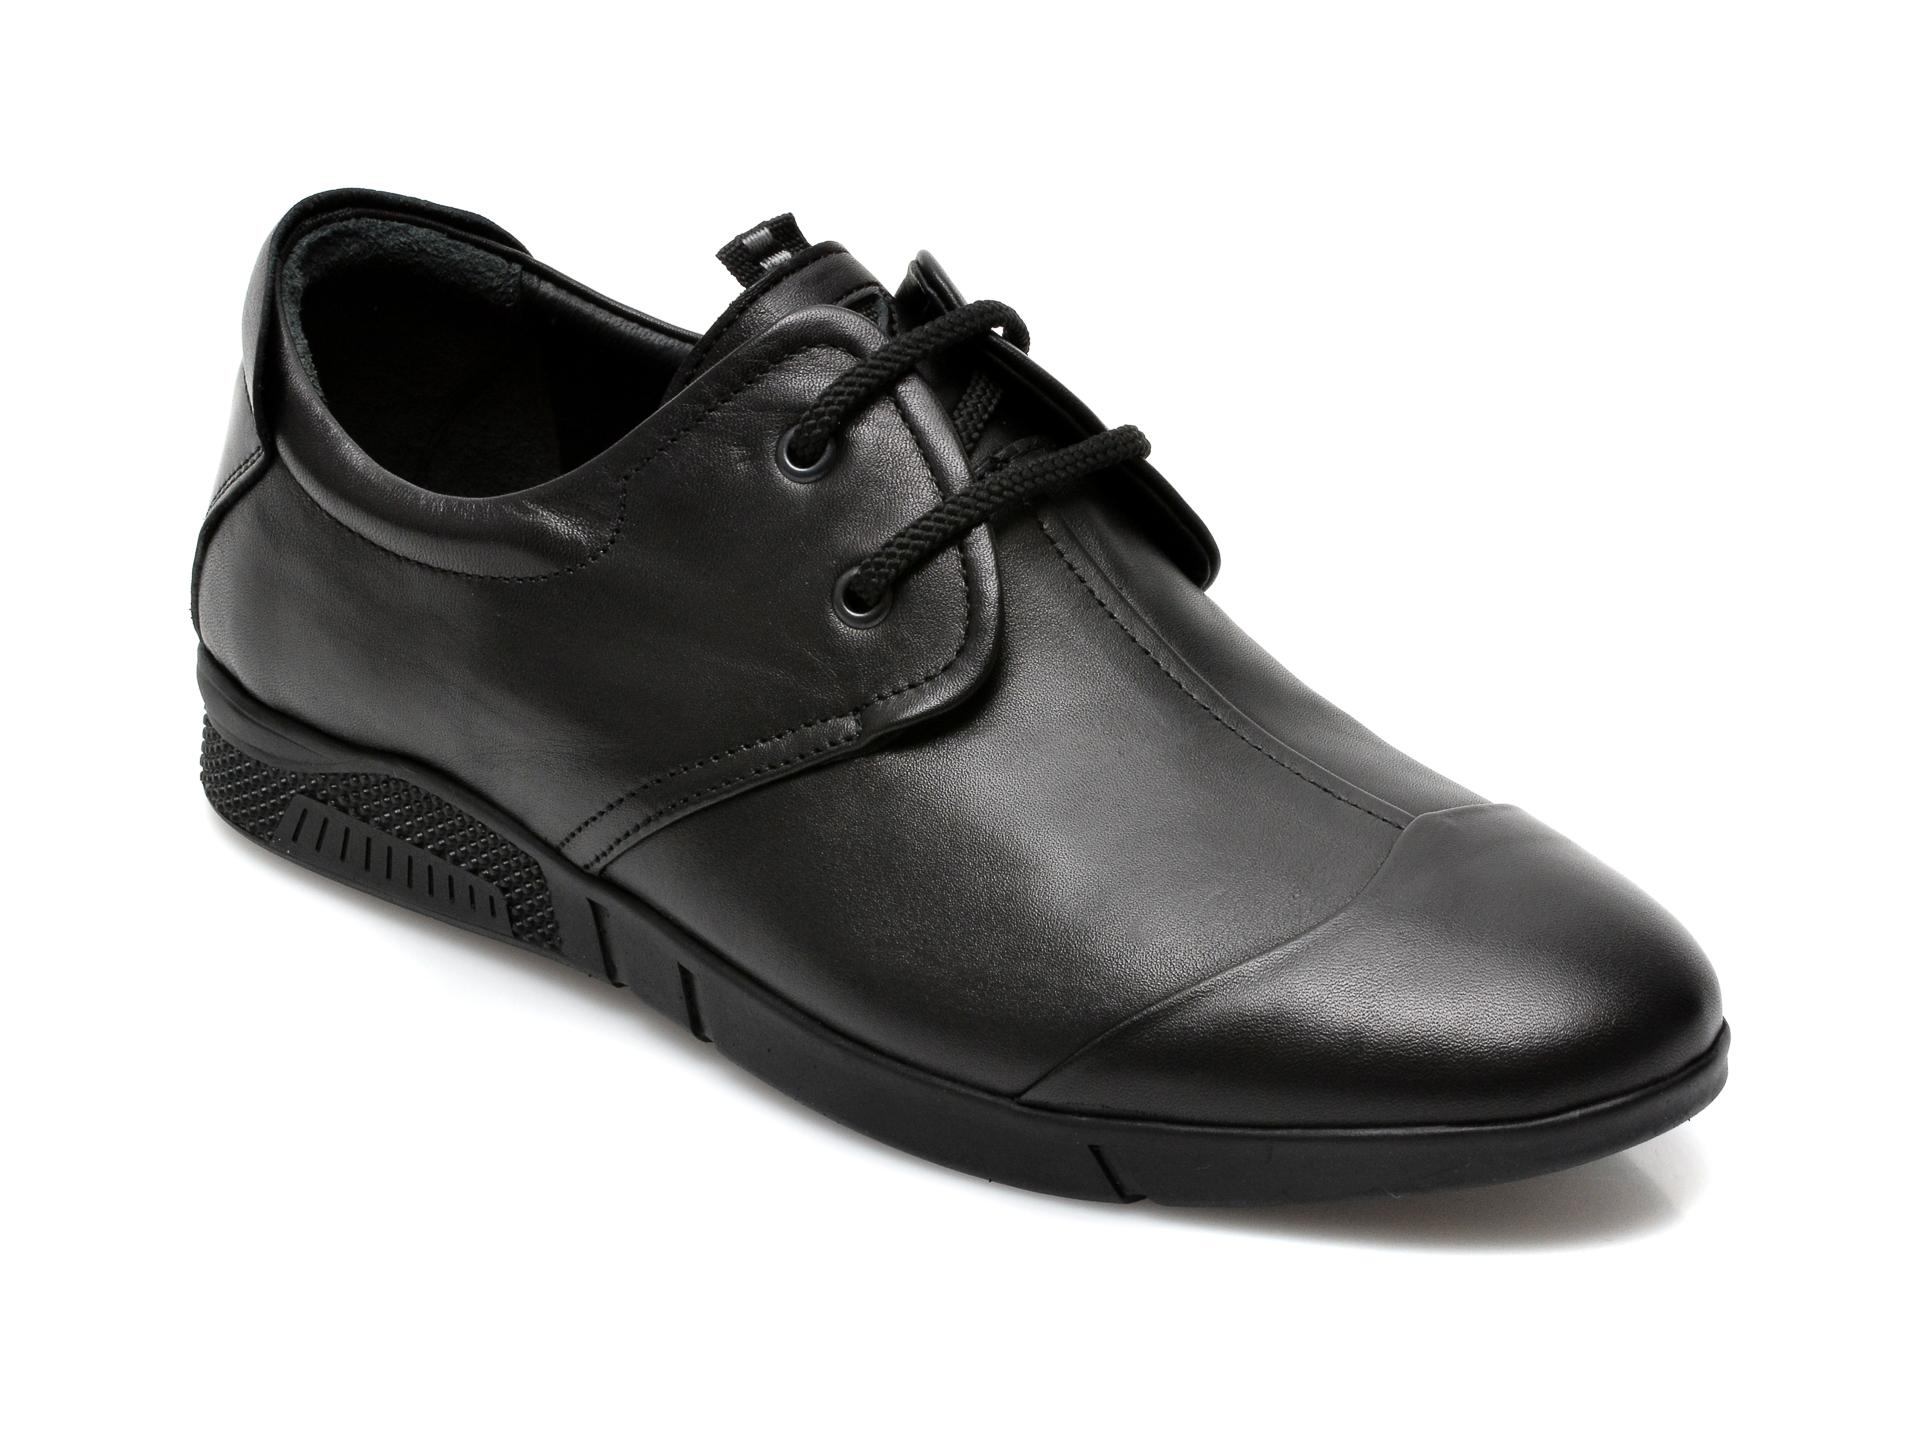 Pantofi OTTER negri, 99110, din piele naturala imagine otter.ro 2021